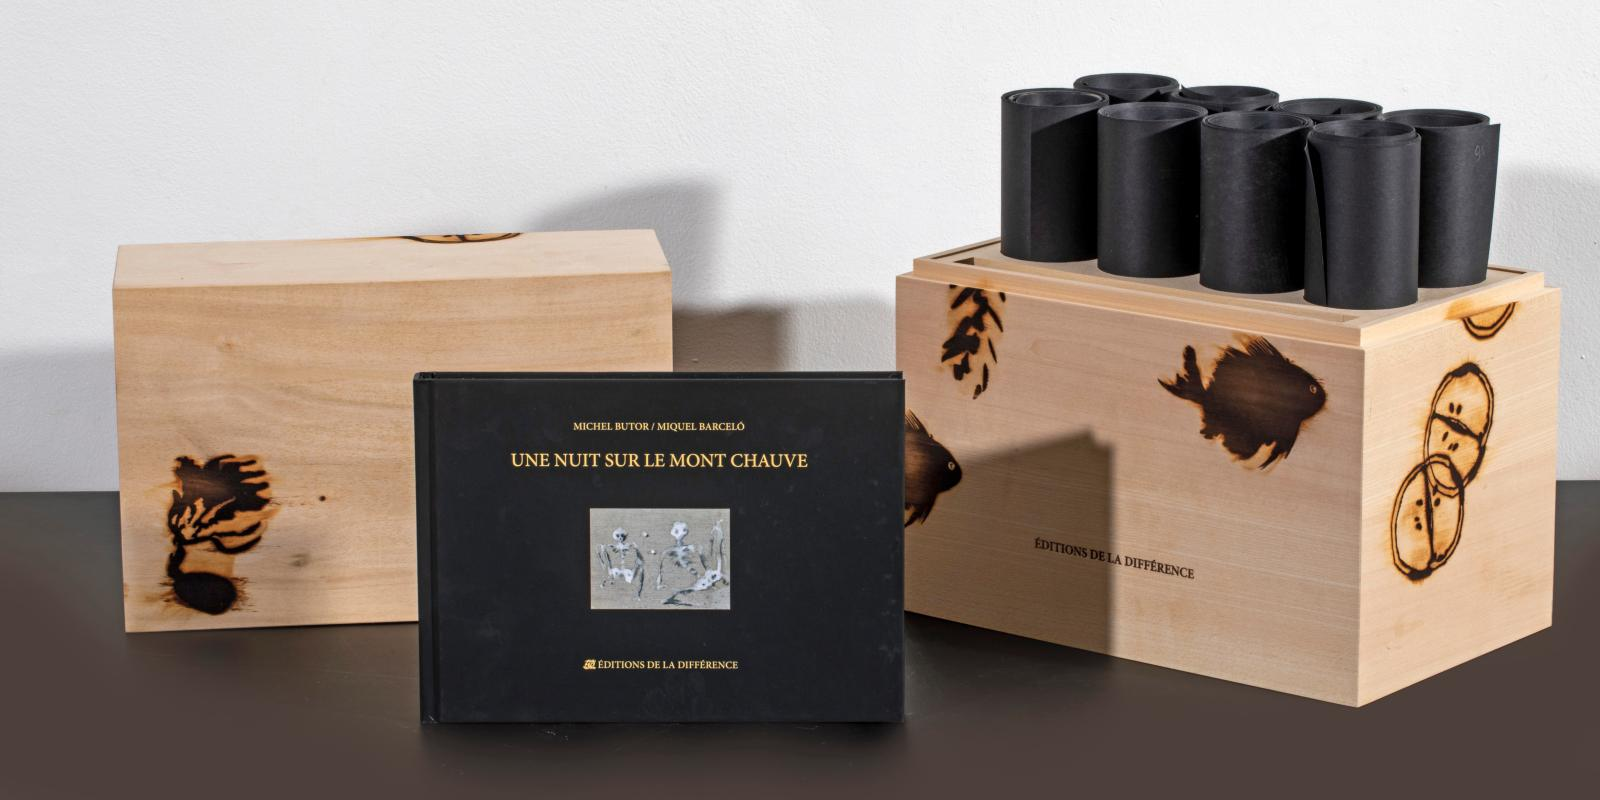 Miquel Barceló (né en 1957) et Michel Butor (1926-2016), Une nuit sur le mont Chauve, édition limitée à 99 exemplaires de 8 rouleaux de papier noir de